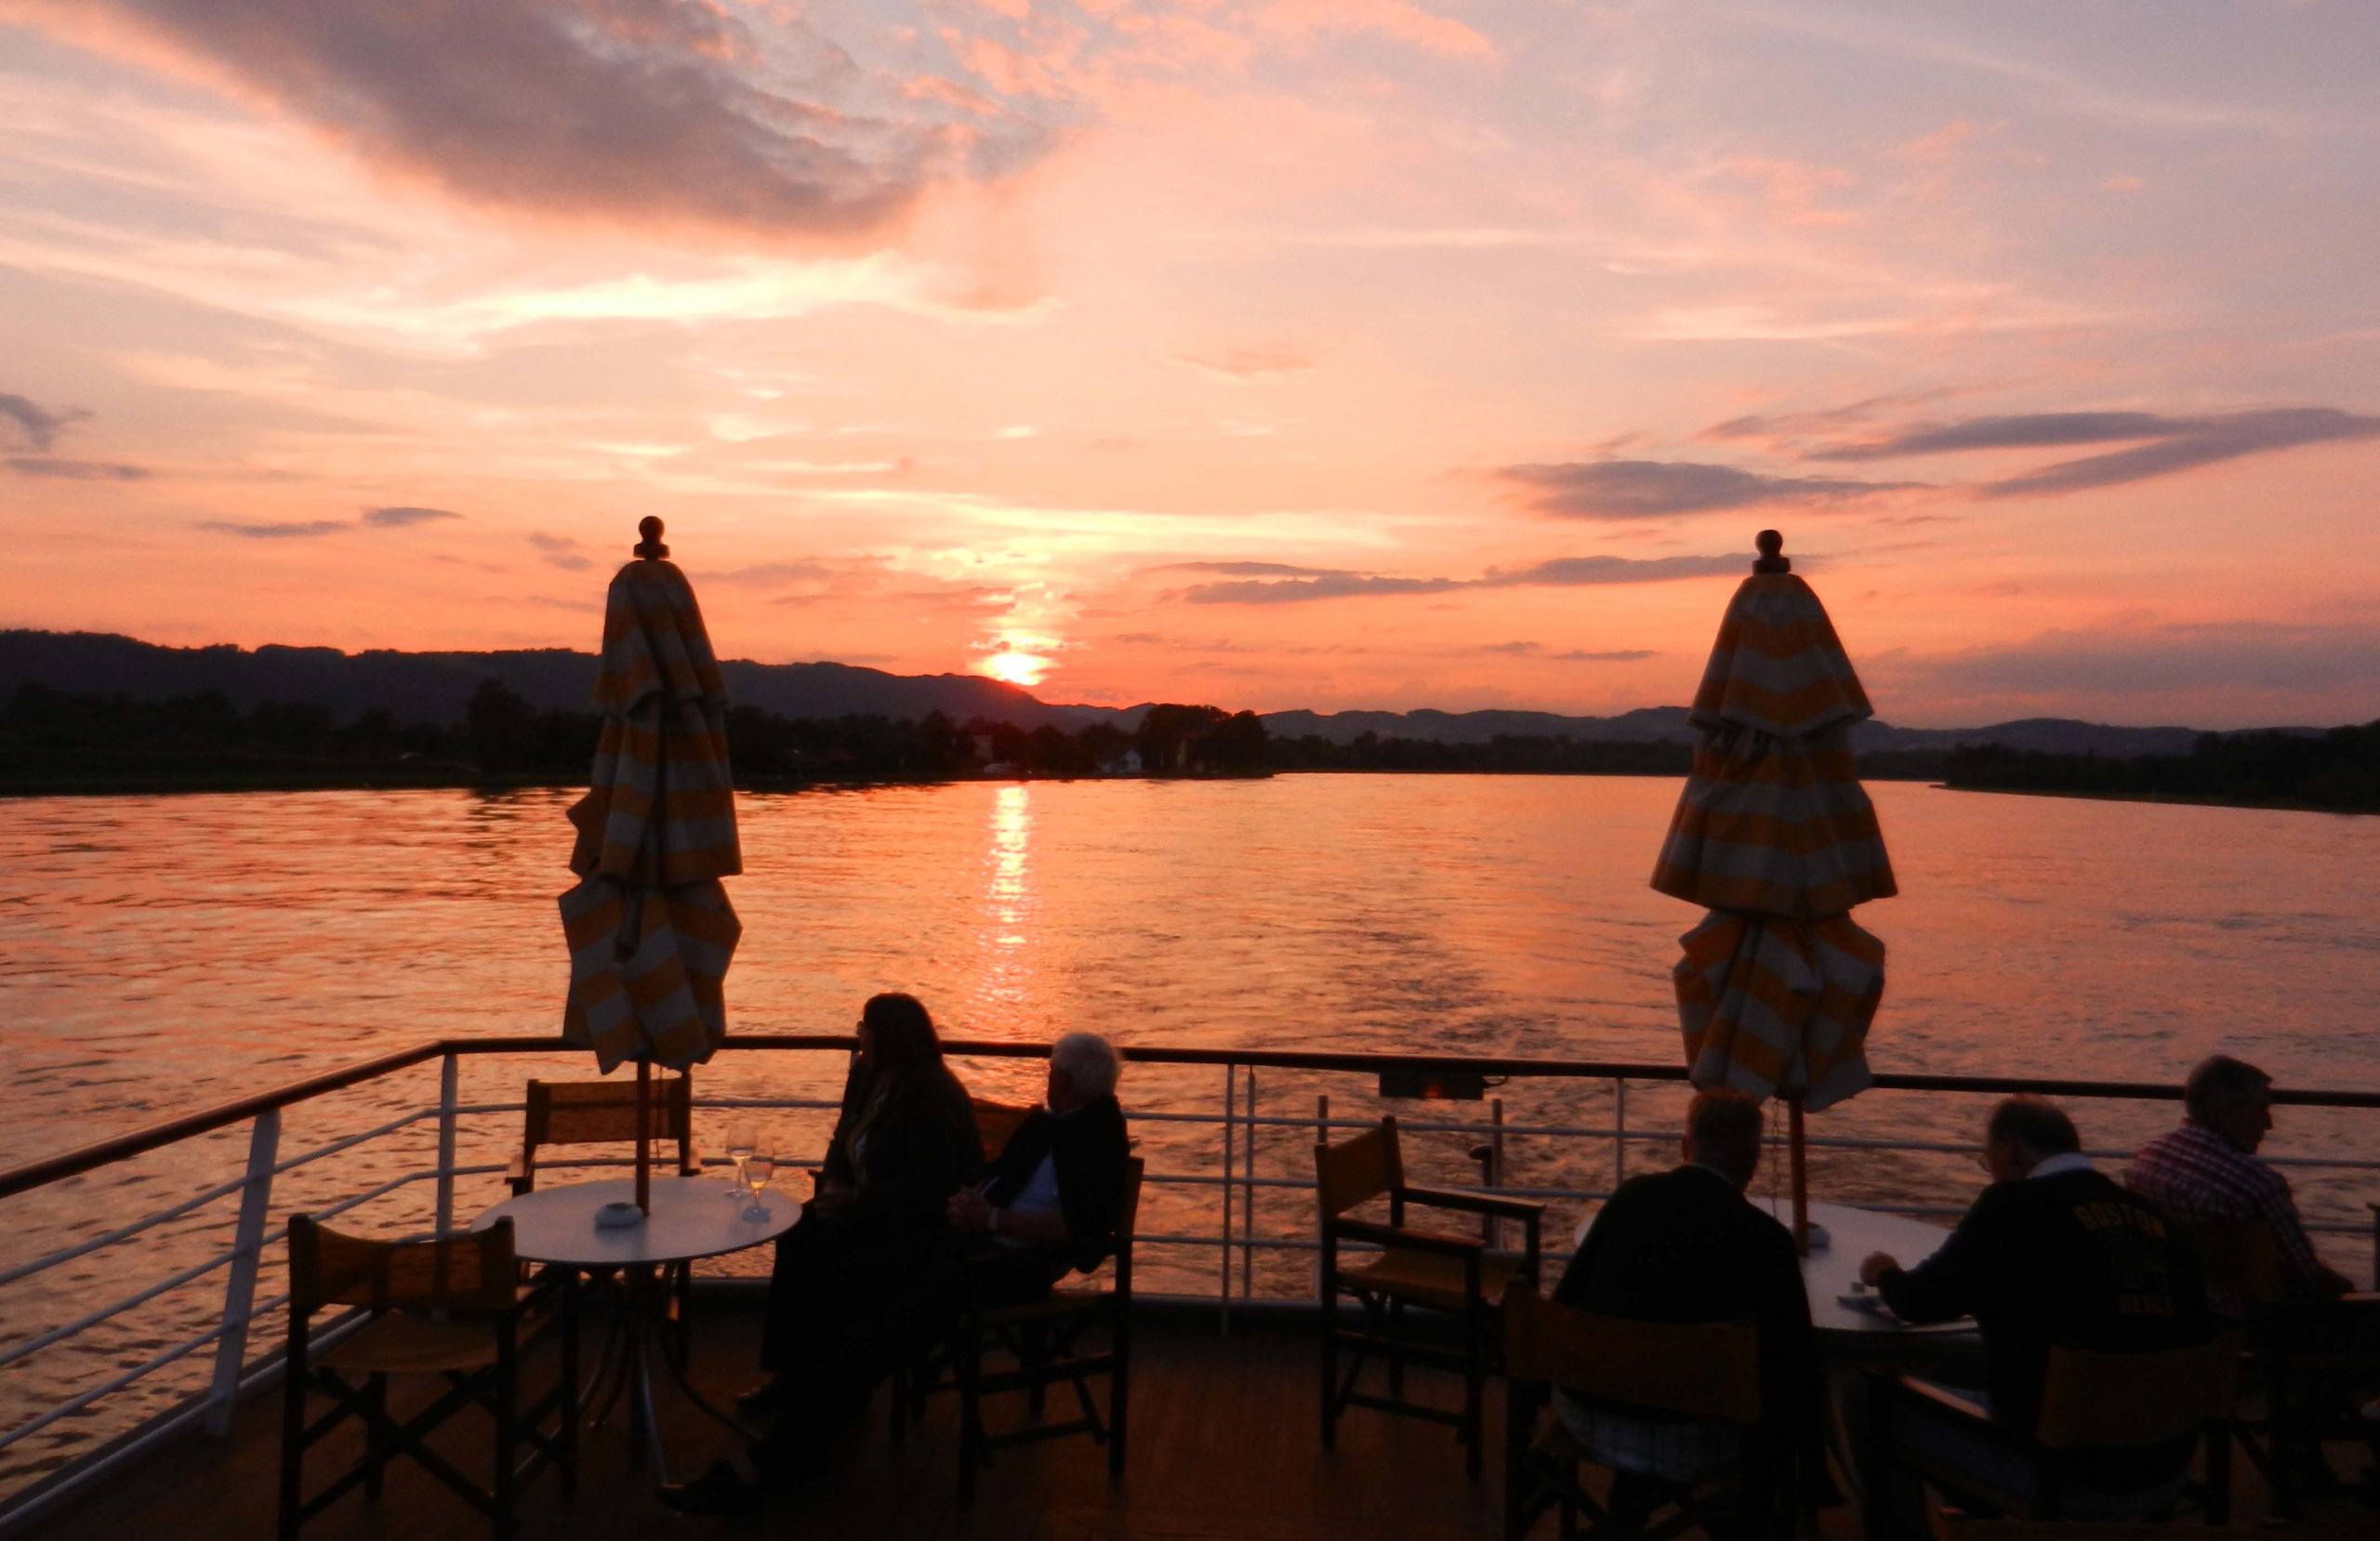 Ferientraum Sonnenuntergang Donau